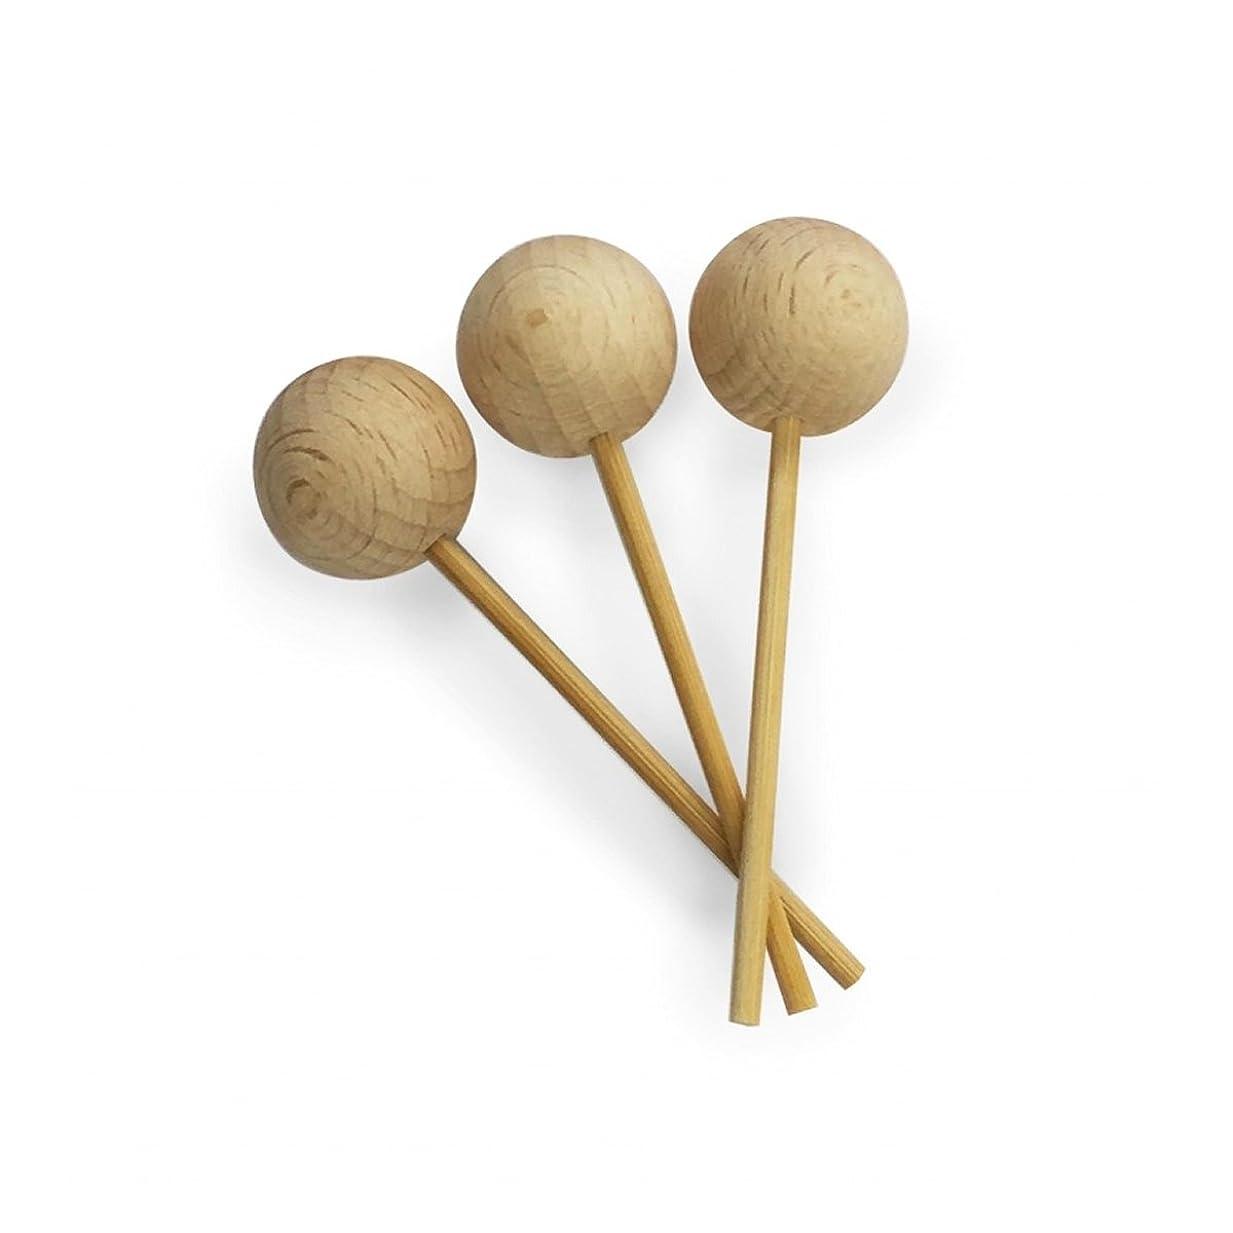 利点空中スタックカリス成城 アロマ芳香器 木のお家 交換用木製スティック3本入